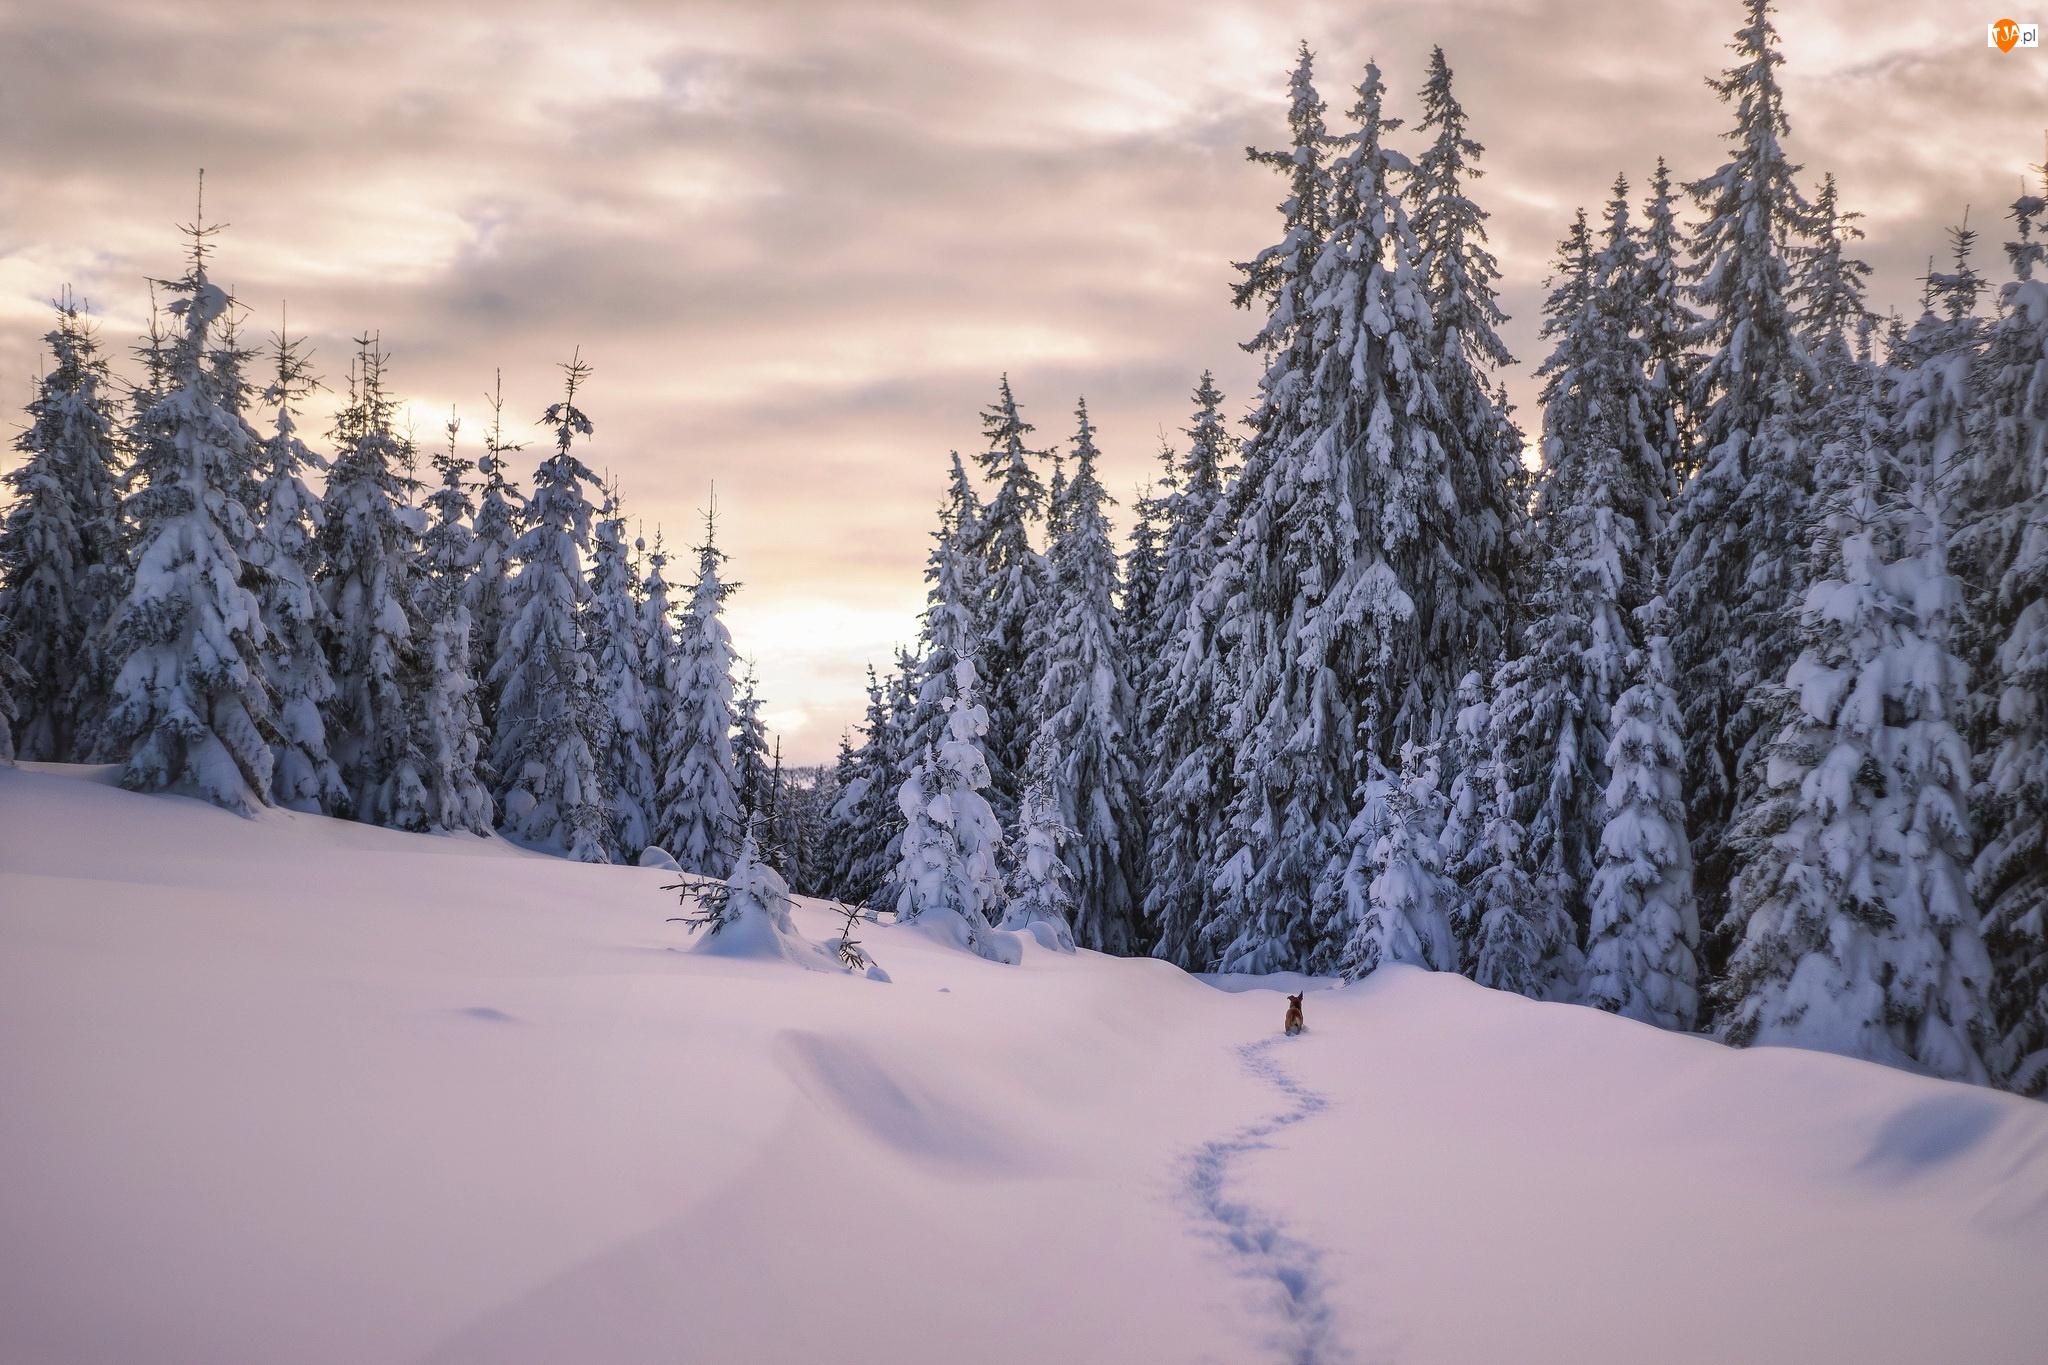 Śnieg, Zima, Pies, Świerki, Ślady, Drzewa